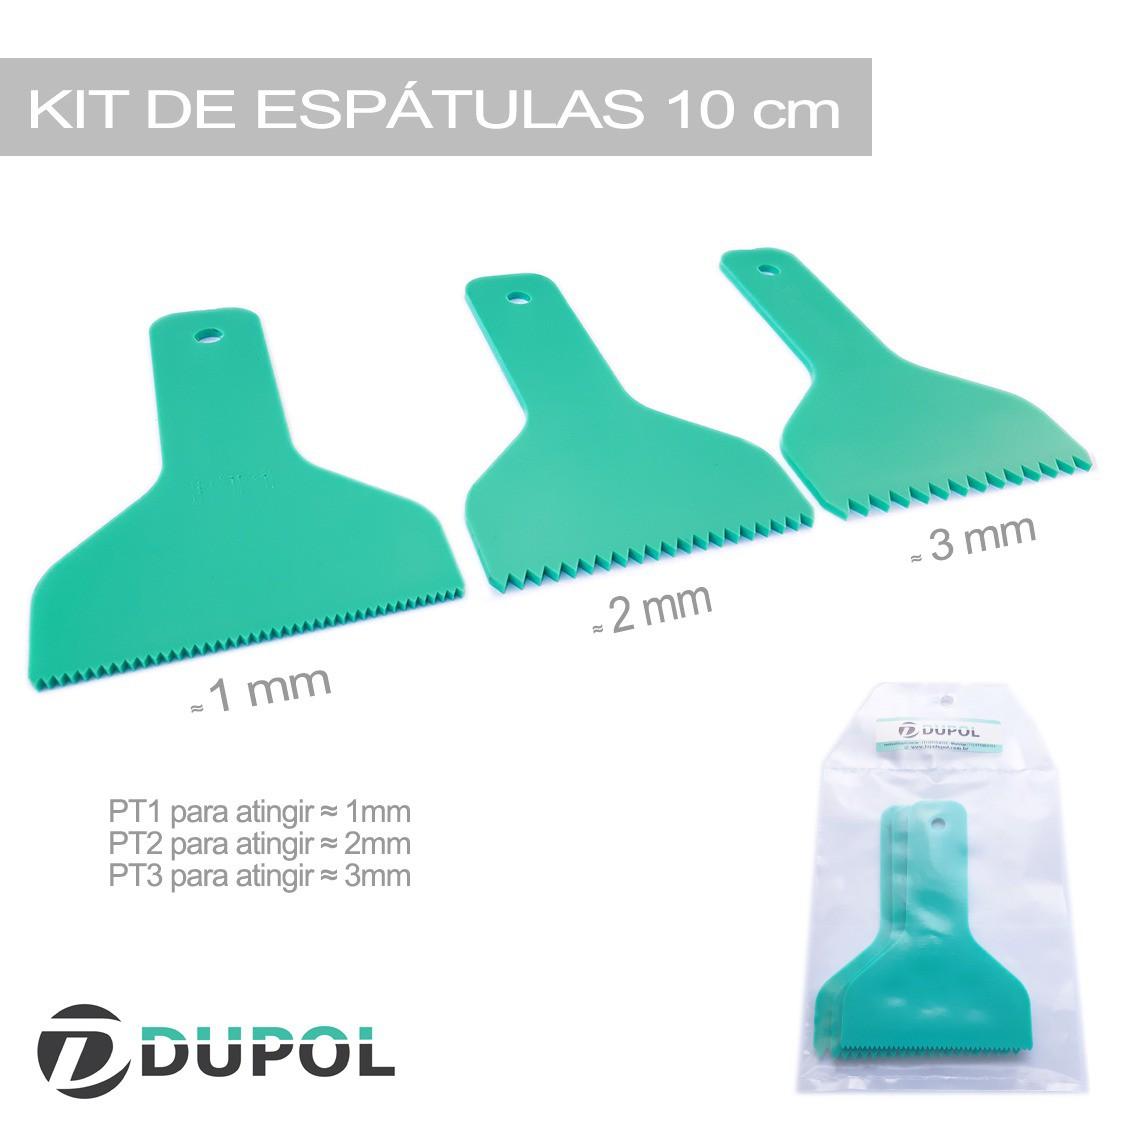 Espátulas Porcelanato Liquido - Mesa Resinada - Epóxi Kit